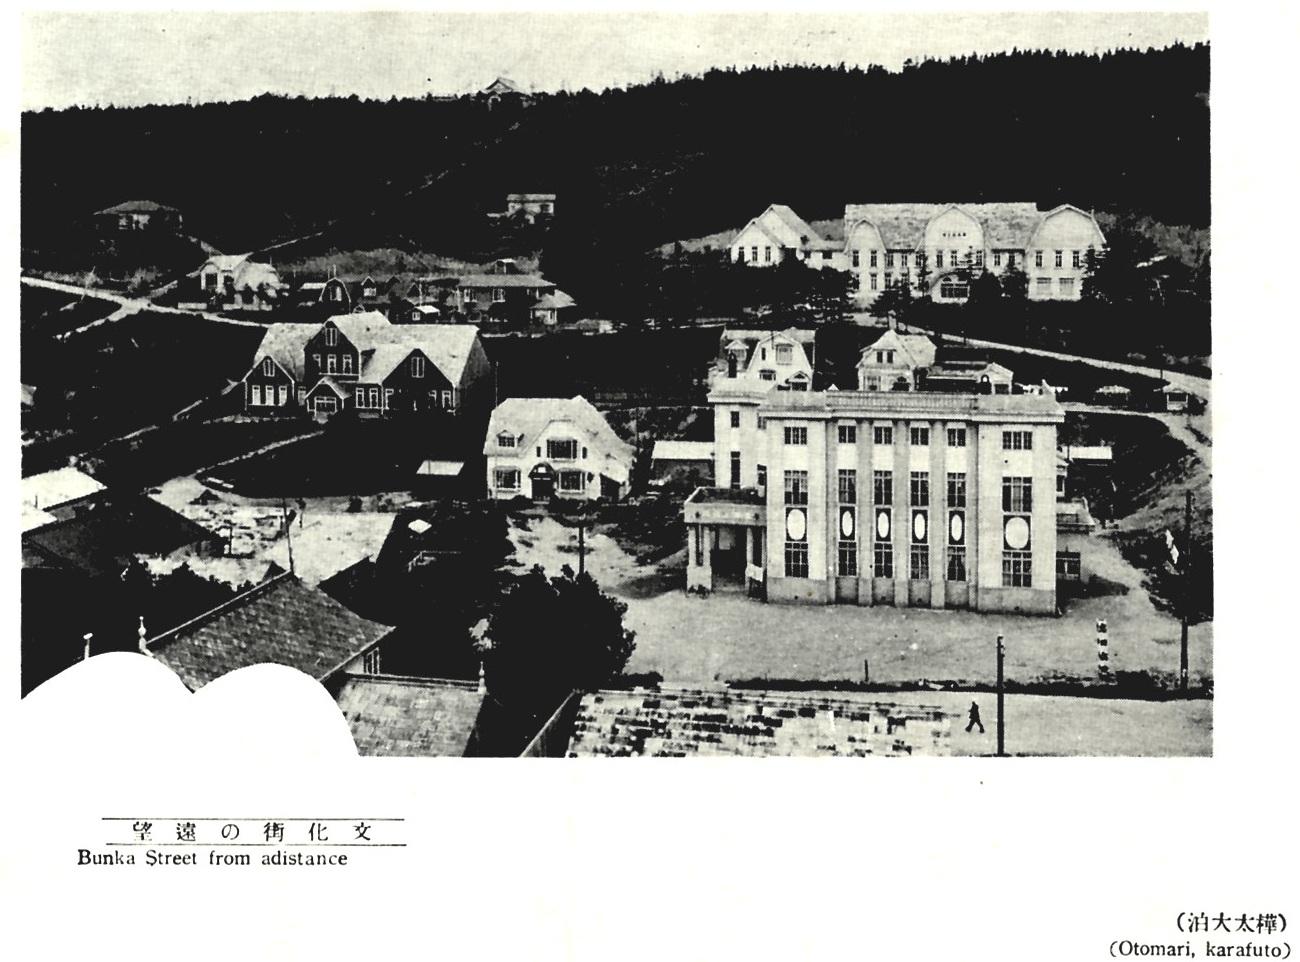 Торгово-промышленная палата Карафуто и гостиница города Отомари.